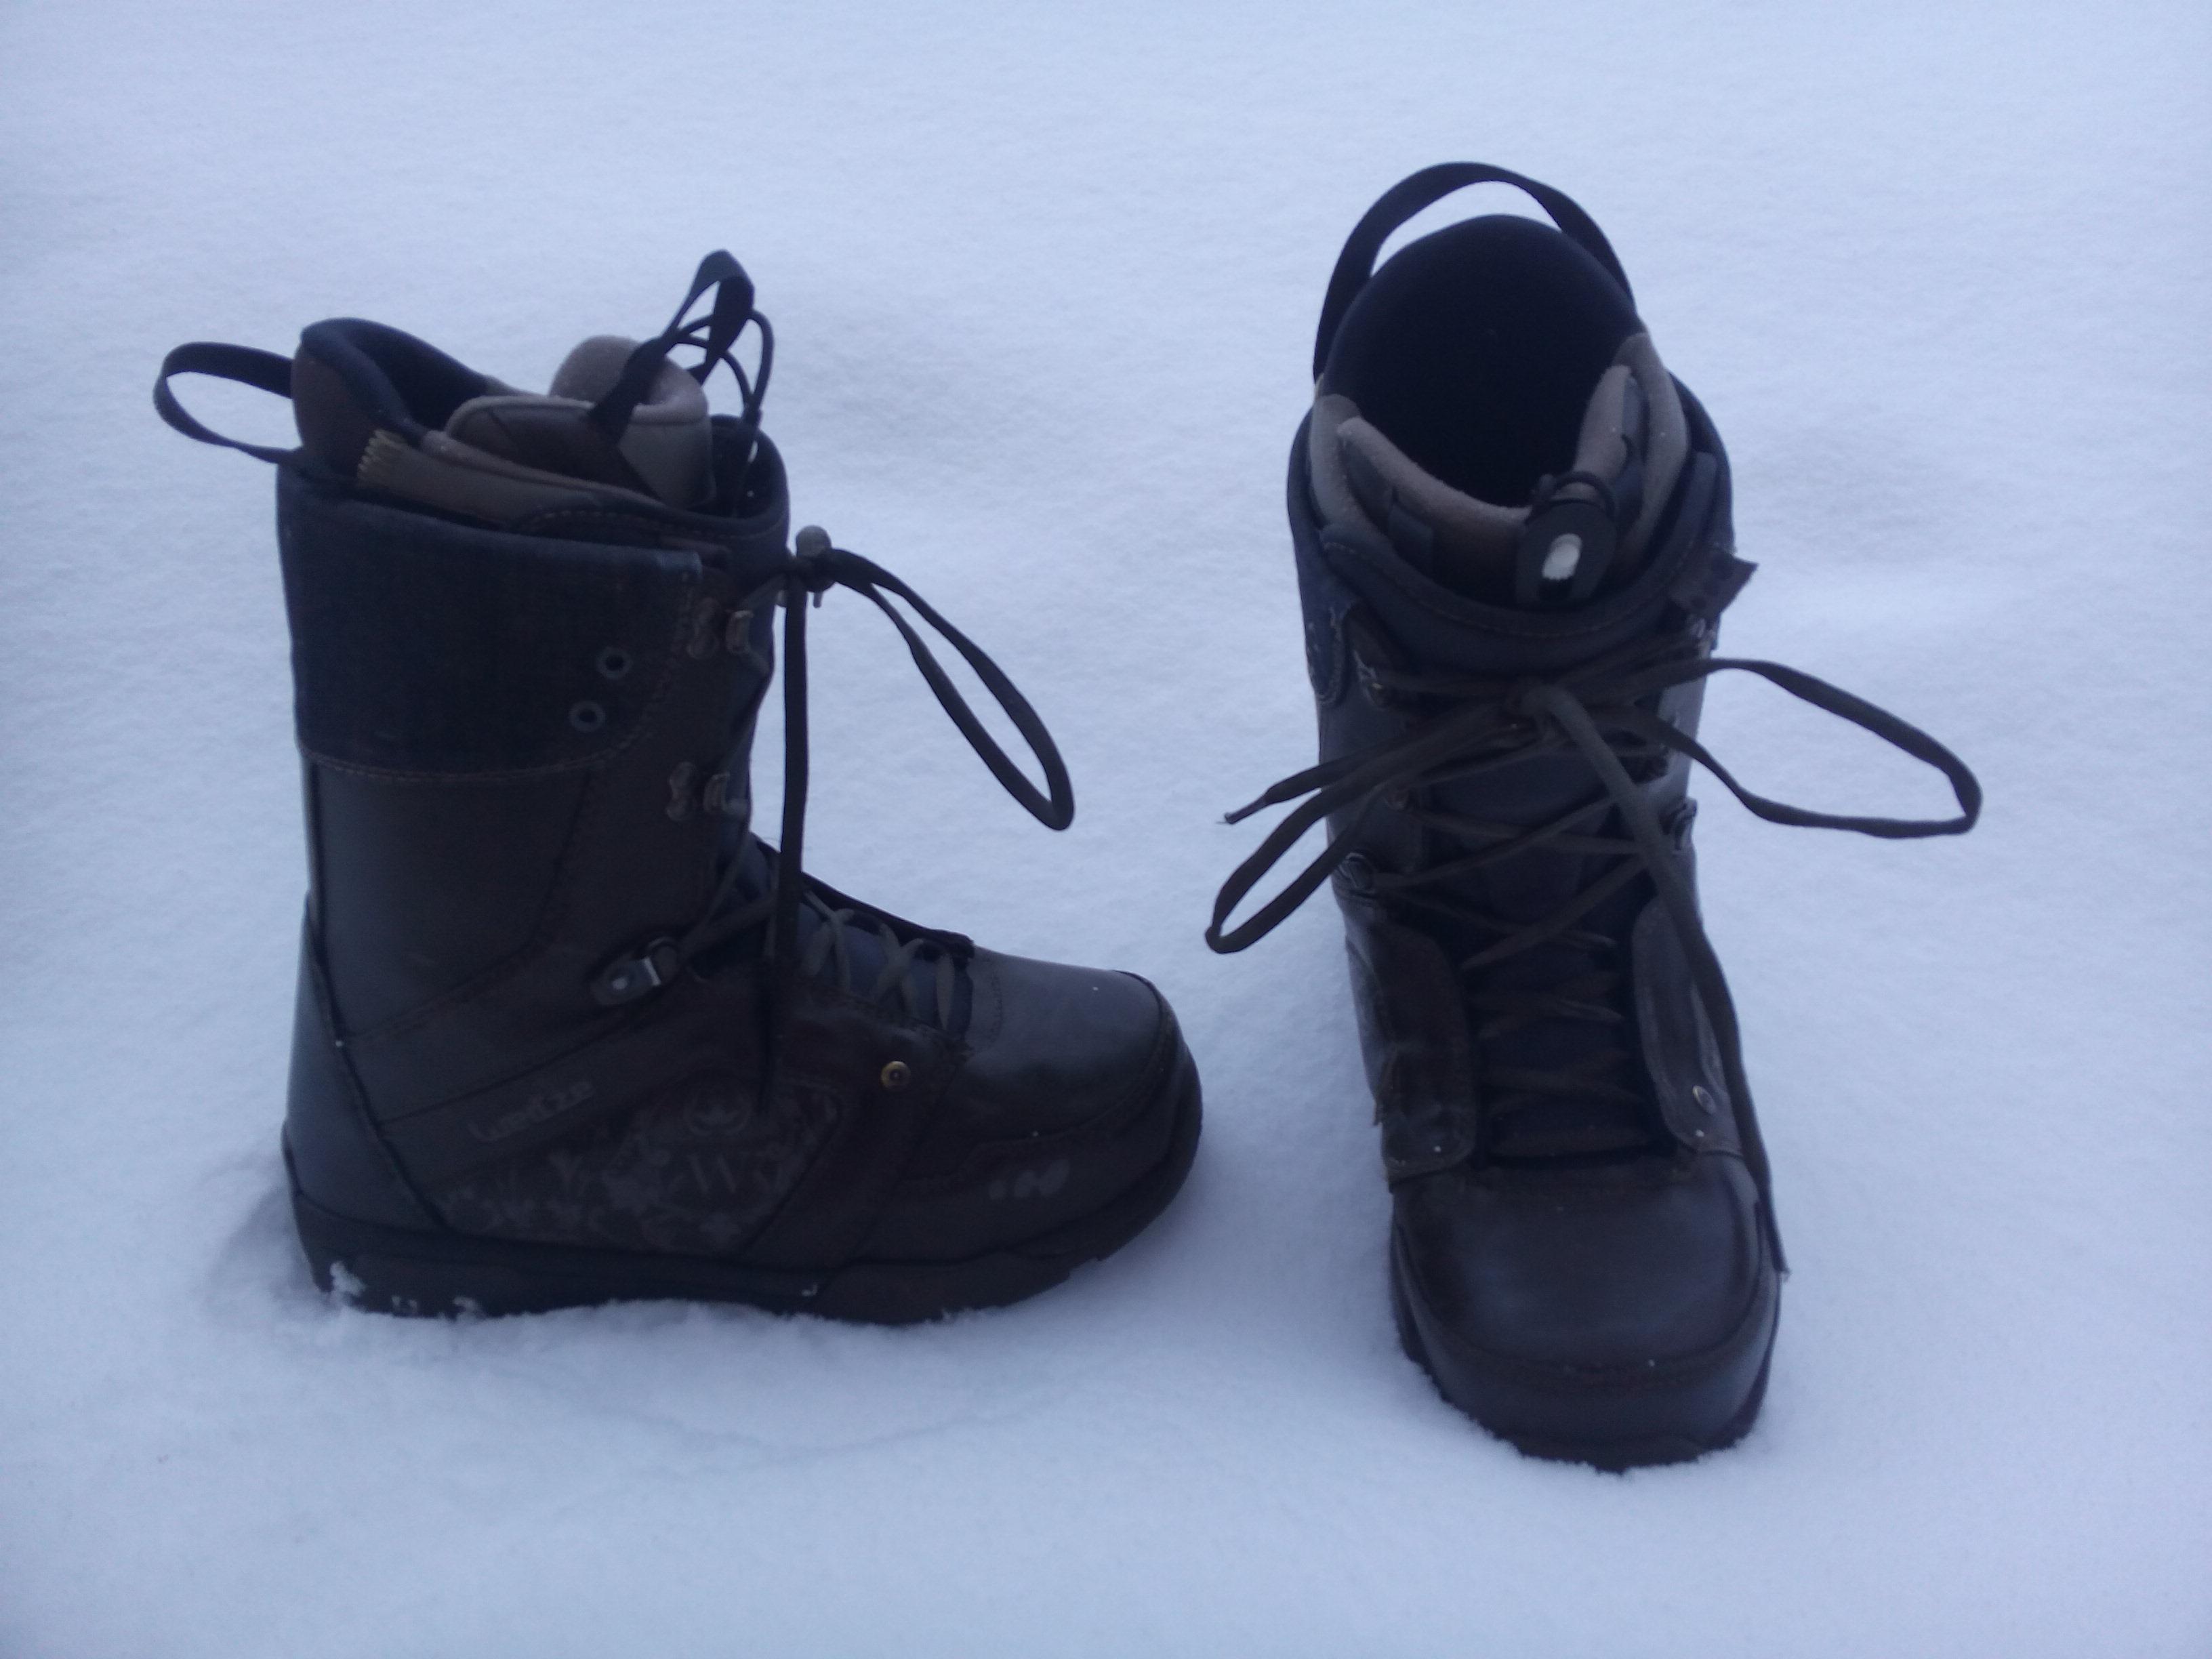 Chaussures snowboard pointure 41 50 Saint-Nizier-du-Moucherotte (38)